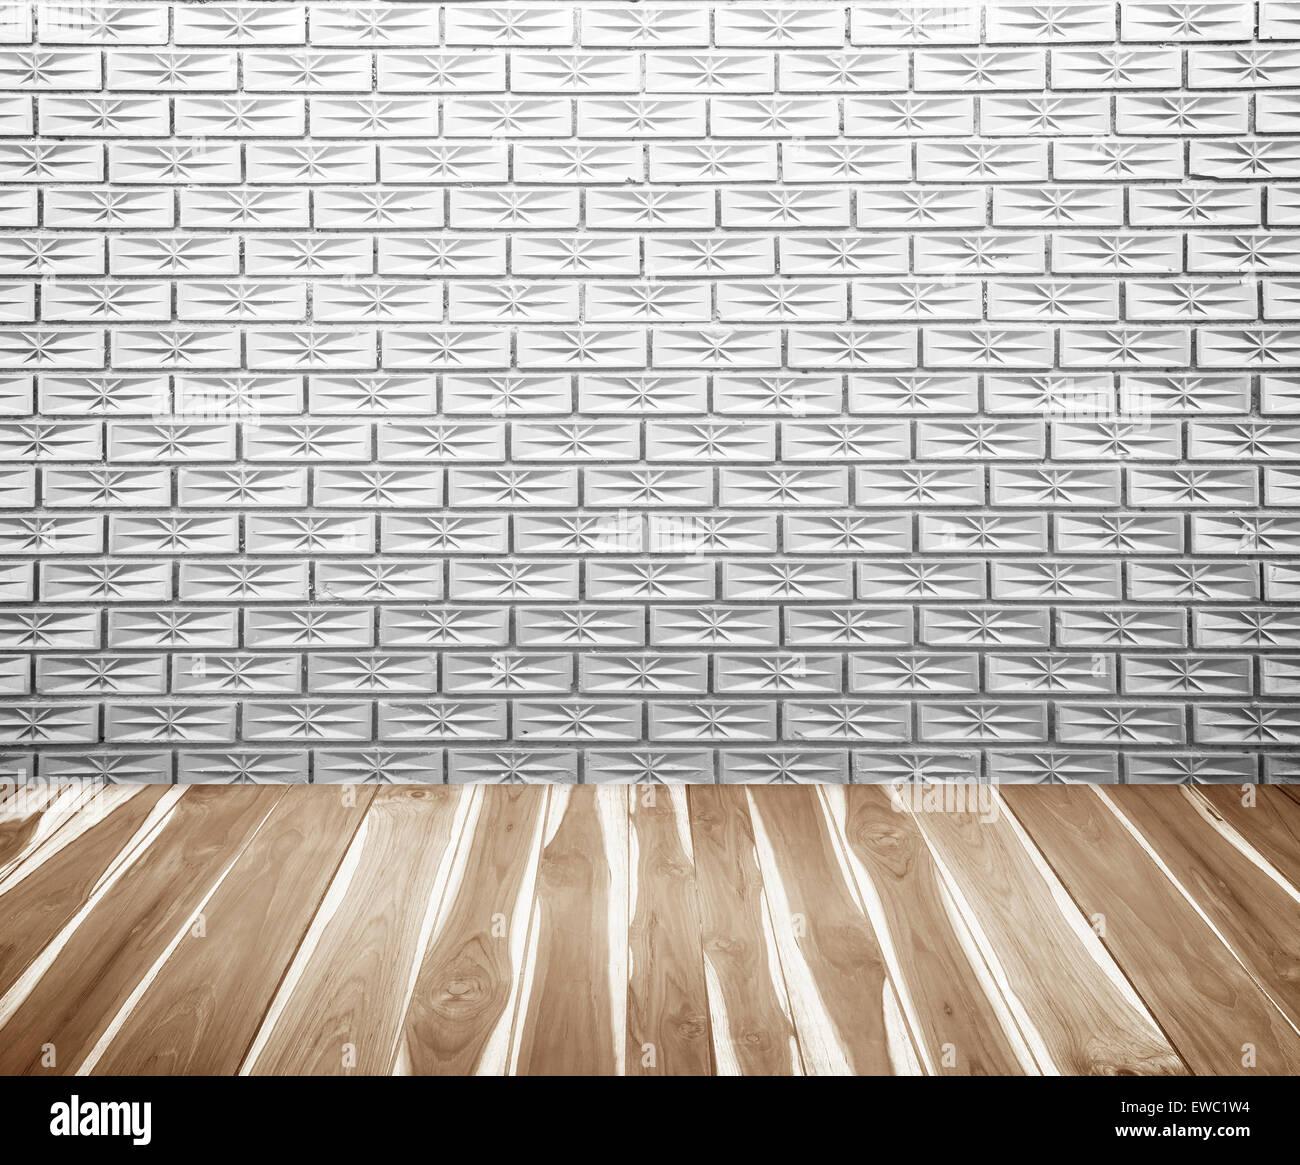 Weiße Wände und Böden, Holzsteg Hintergrund Oberfläche. Stockbild